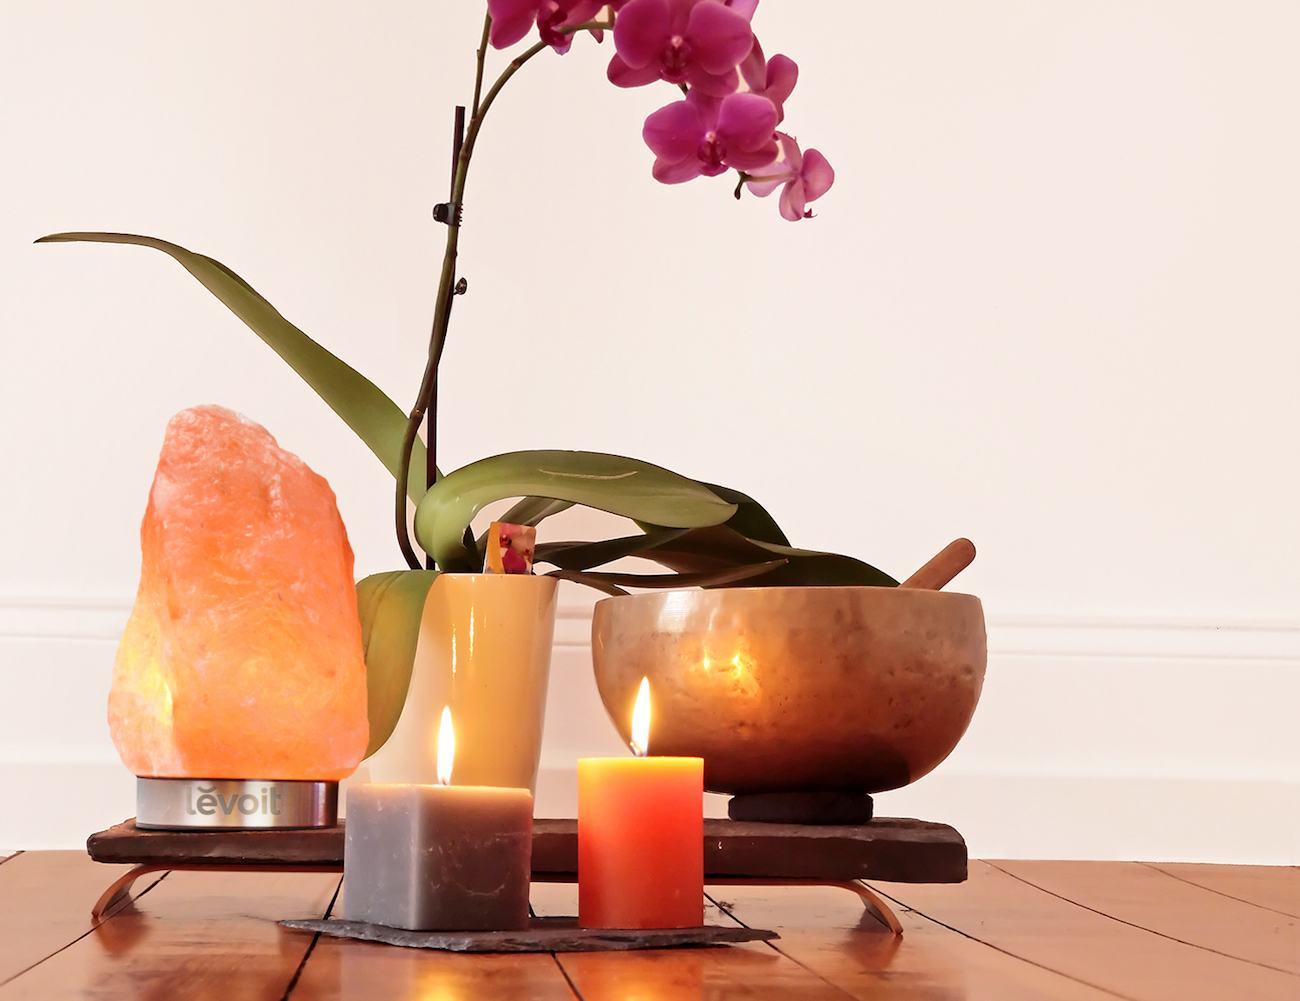 Levoit+Elora+Himalayan+Crystal+Salt+Lamp